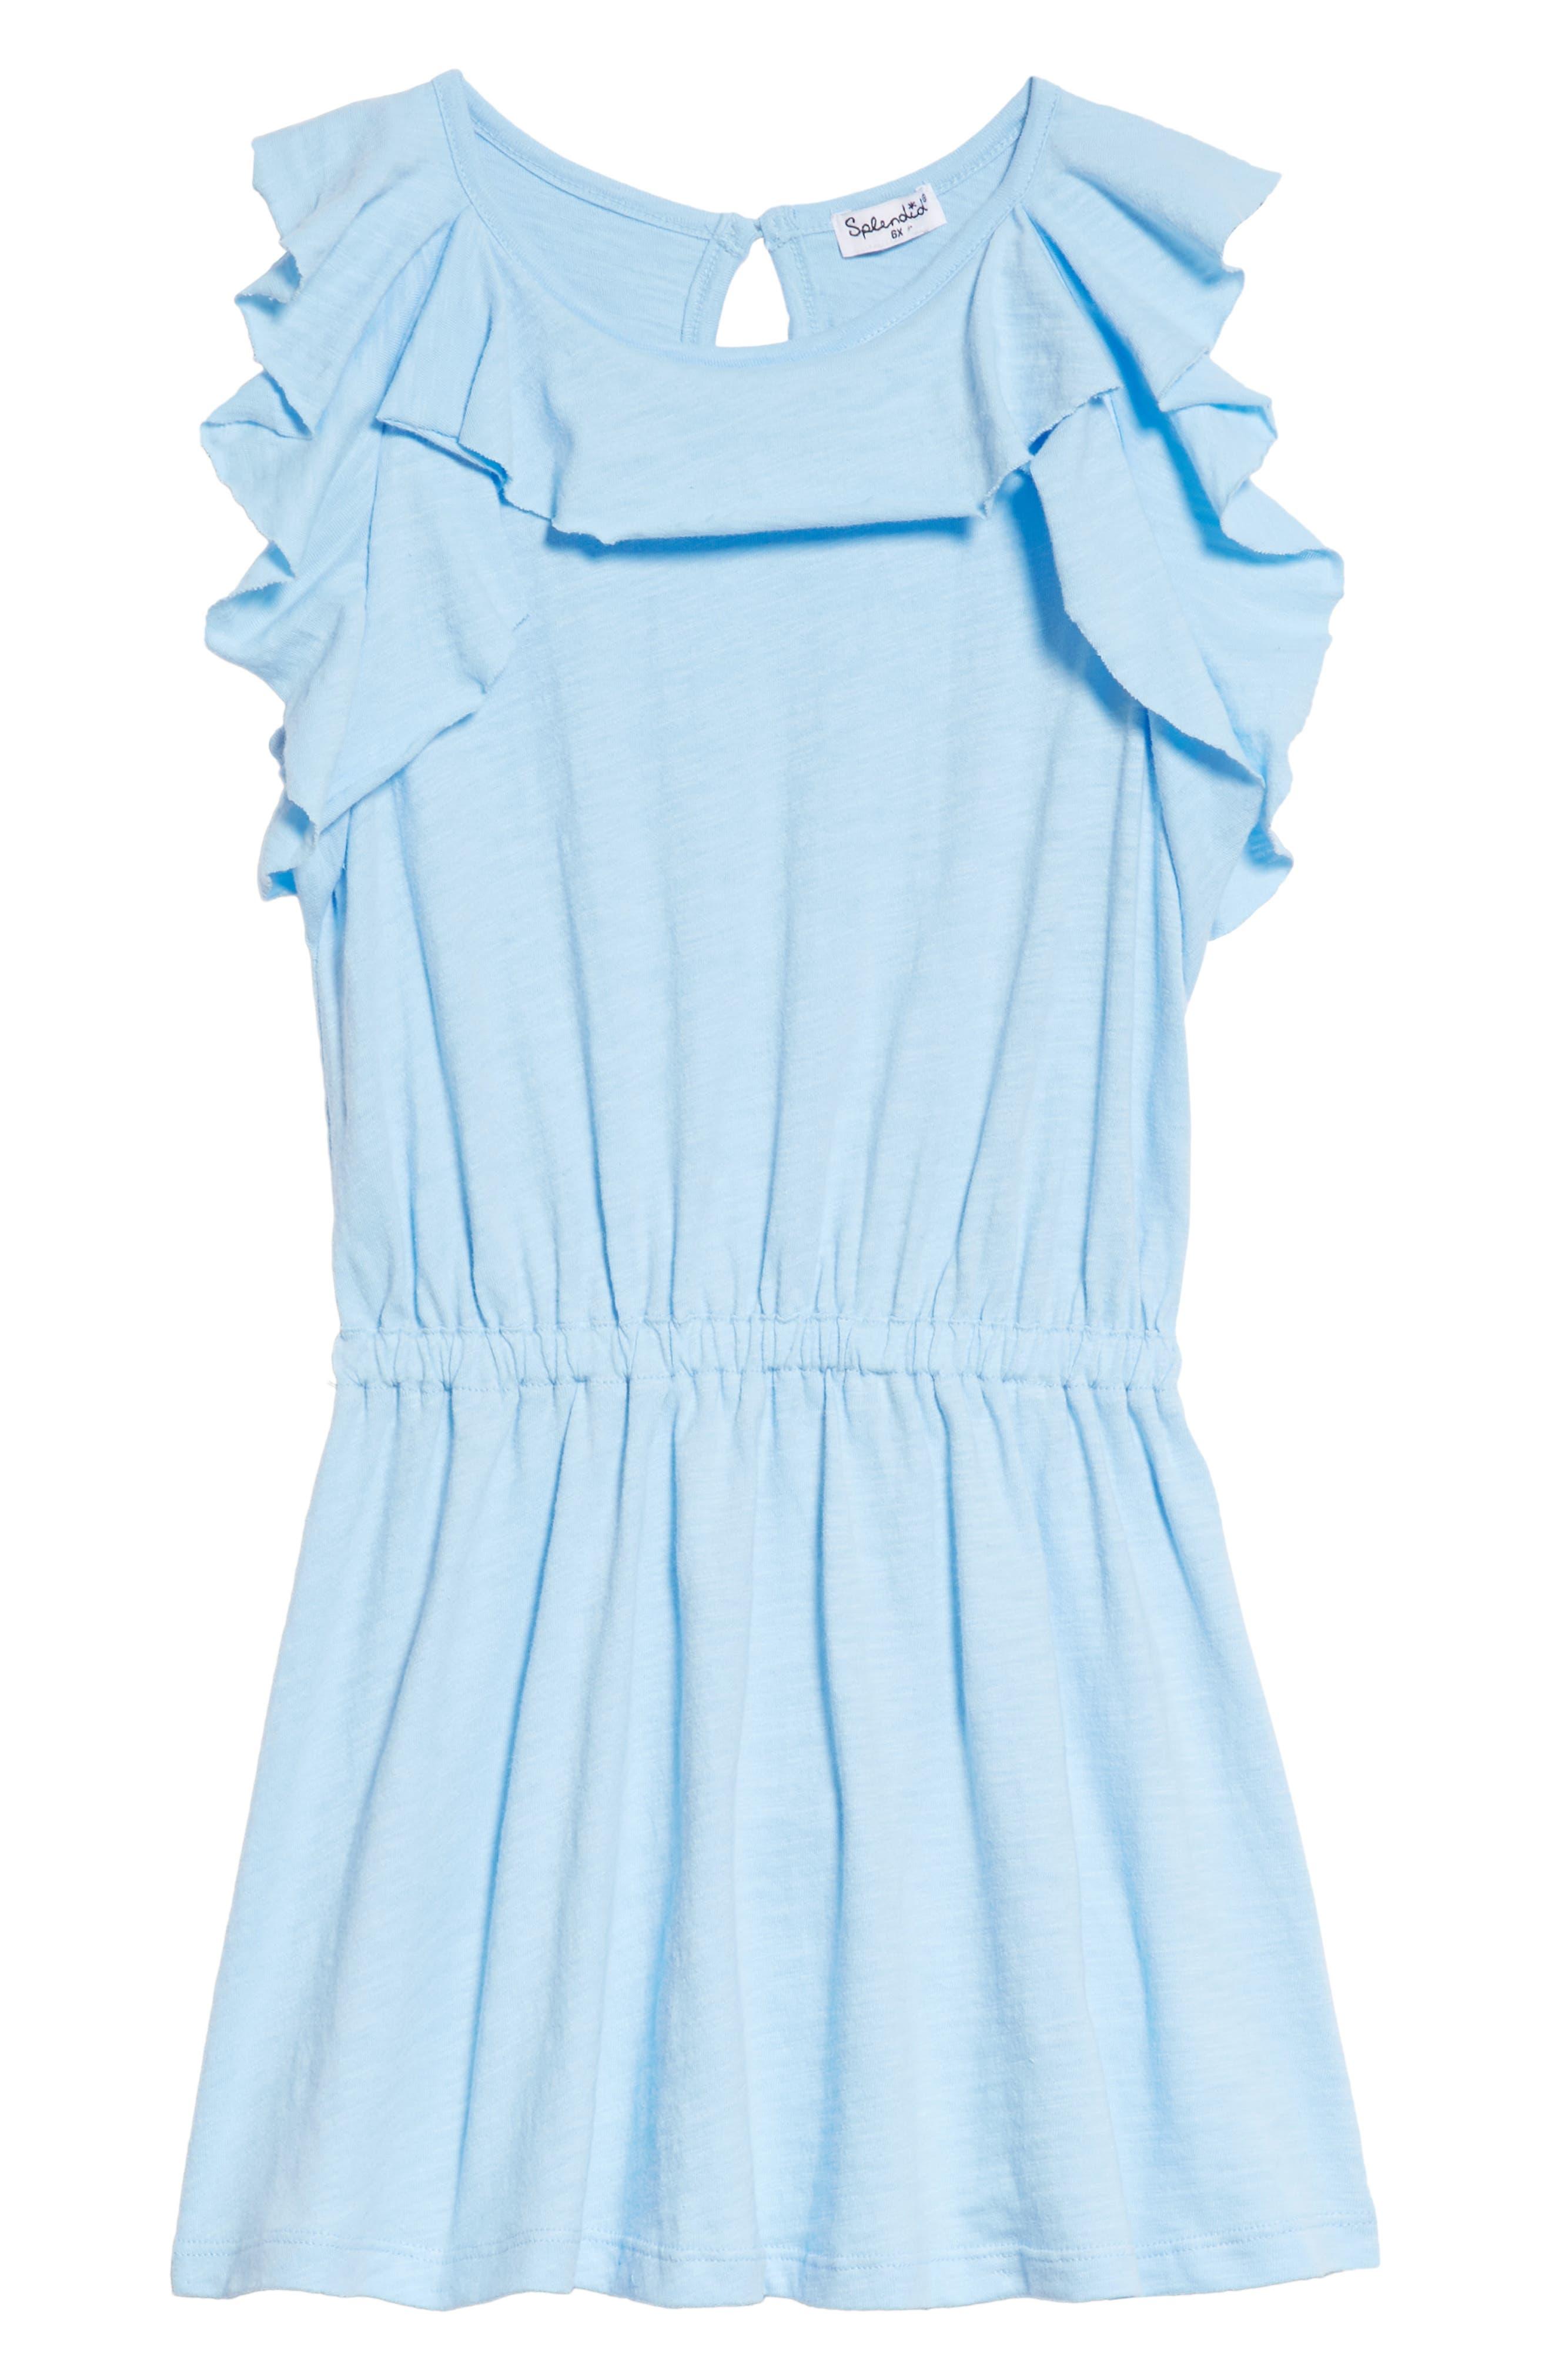 Alternate Image 1 Selected - Splendid Flounce Dress (Toddler Girls & Little Girls)